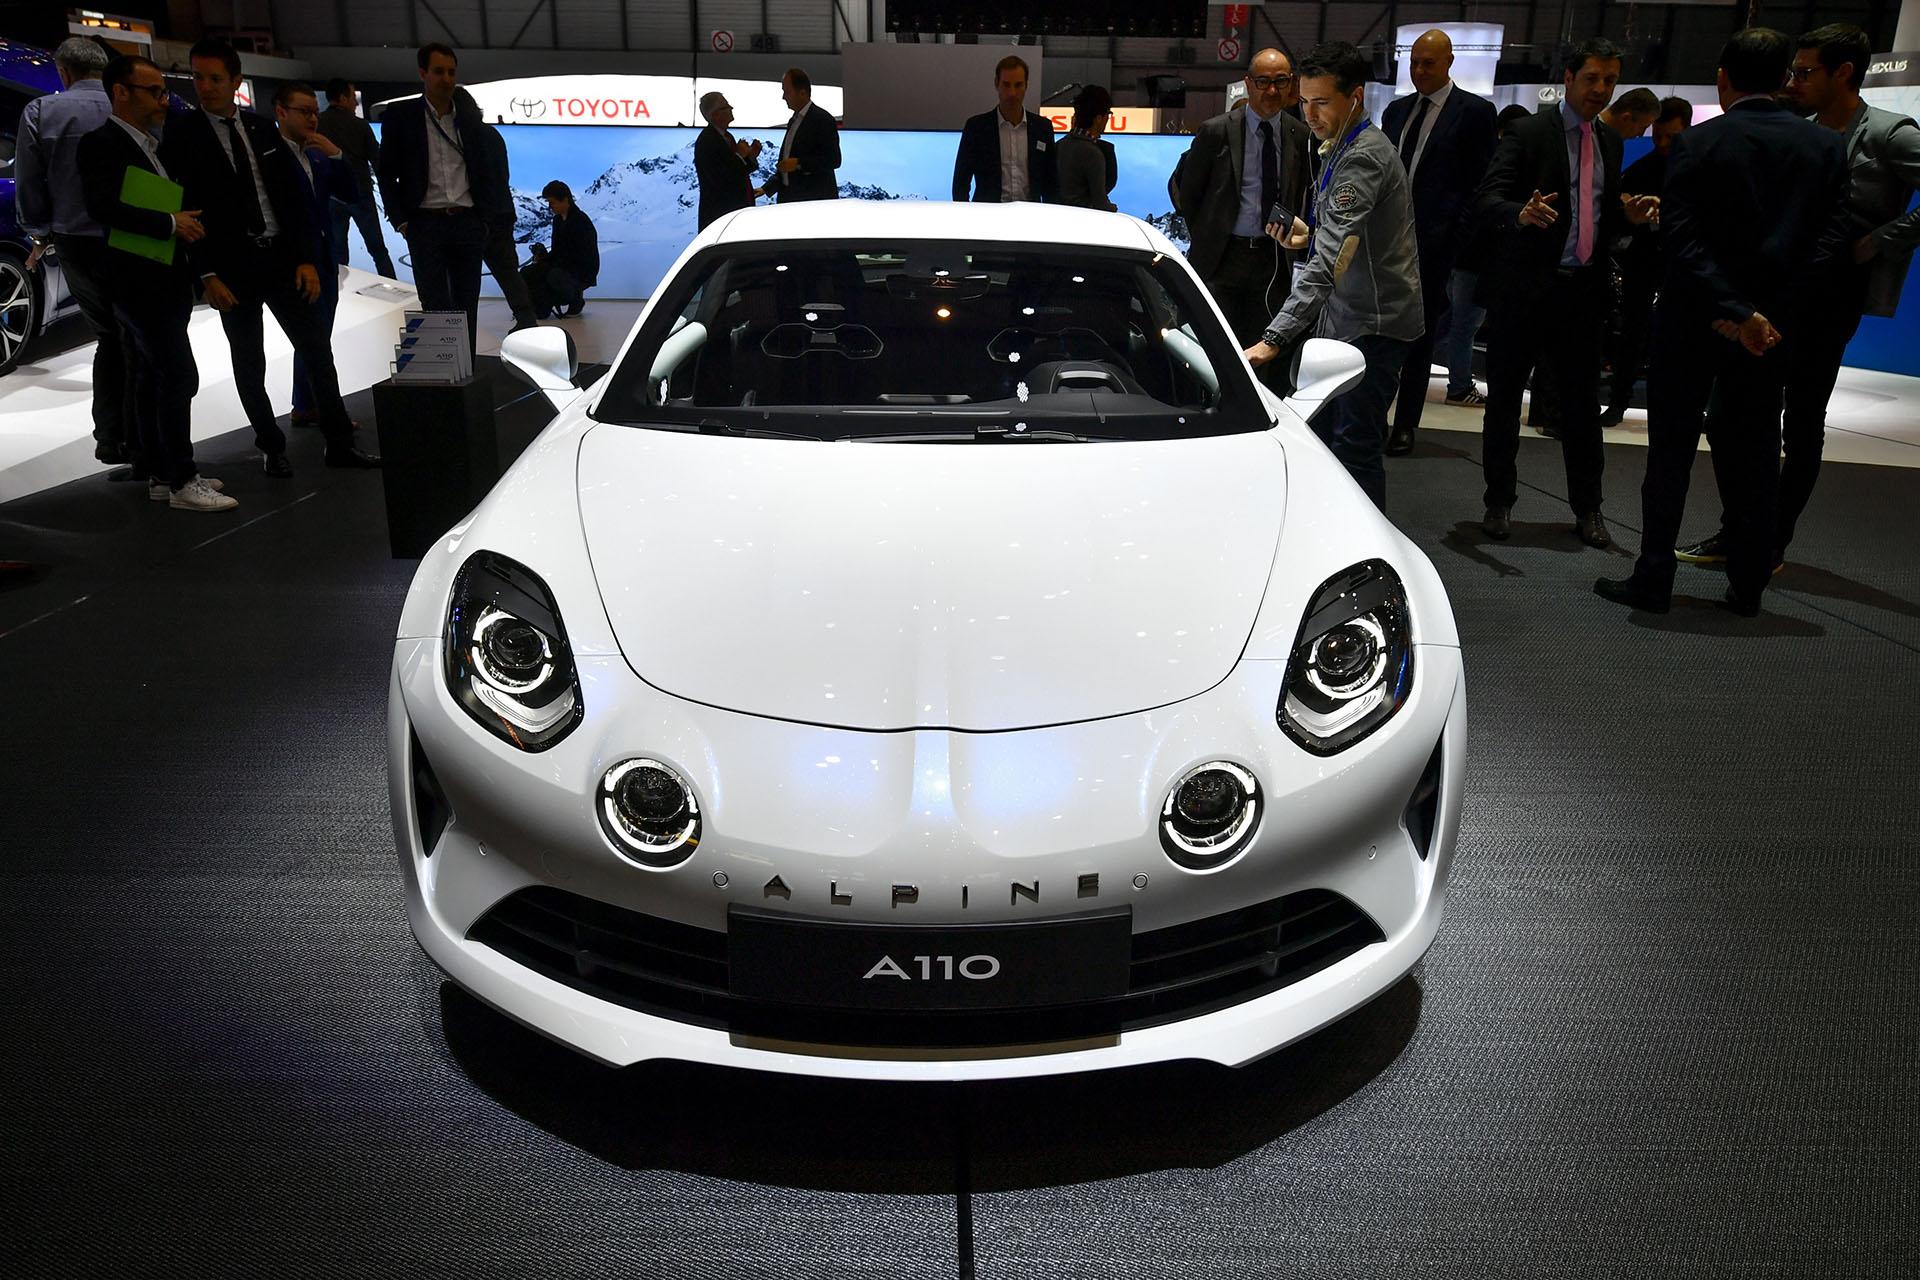 Alpine, la resucitada marca de deportivos premium de la firma Renault, exhibió tres nuevas versiones del A110: Pure y Légende, pensadas para la comercialización, y GT4, un modelo específico para escuderías de competición